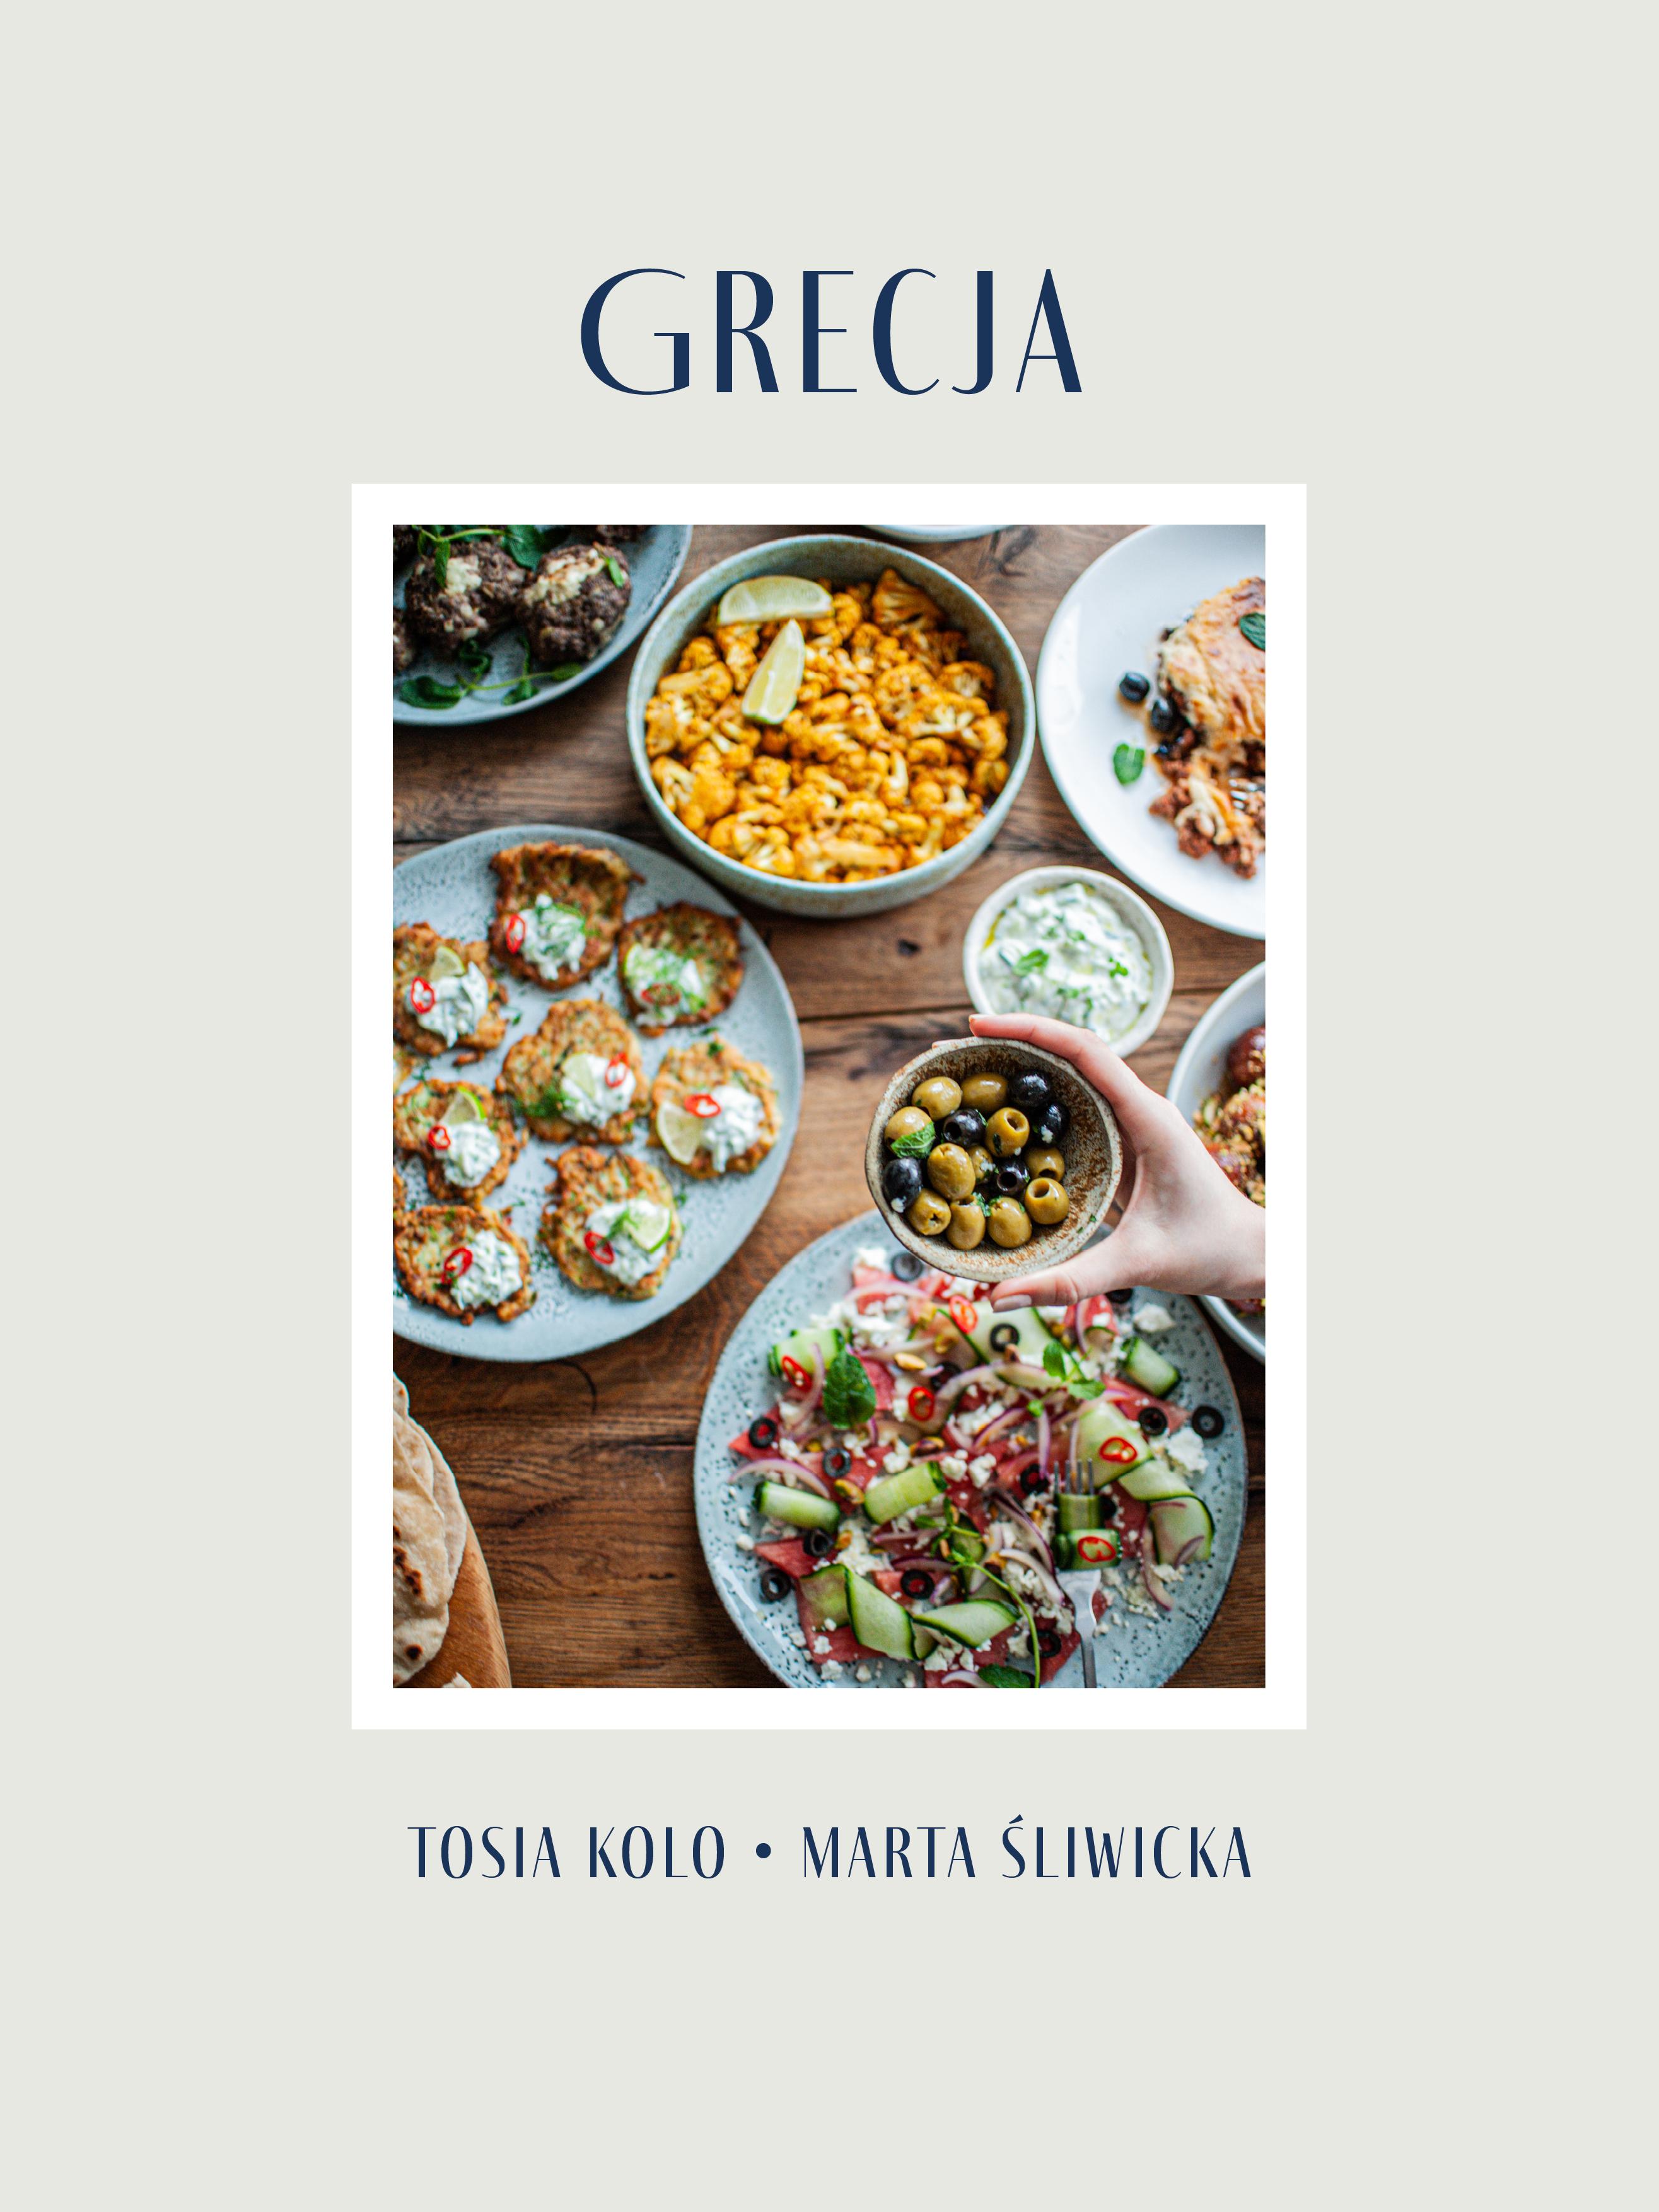 Projekt Uczta: Grecja